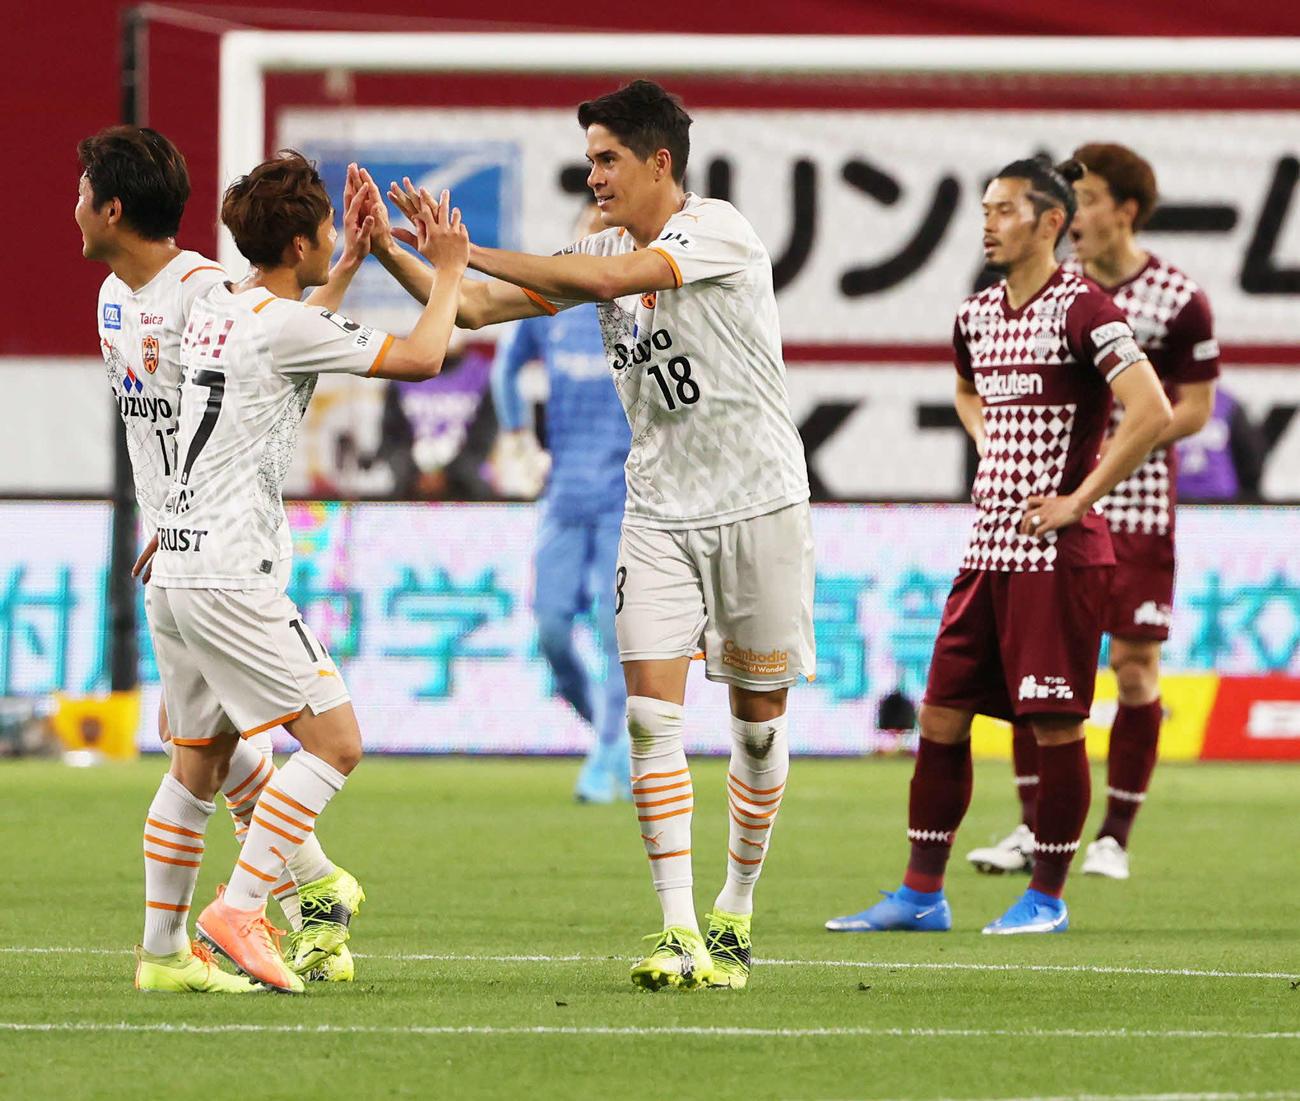 神戸対清水 後半に先制ゴールを決めた清水DFエウシーニョ(中央)は、チームメートとハイタッチ(撮影・清水貴仁)